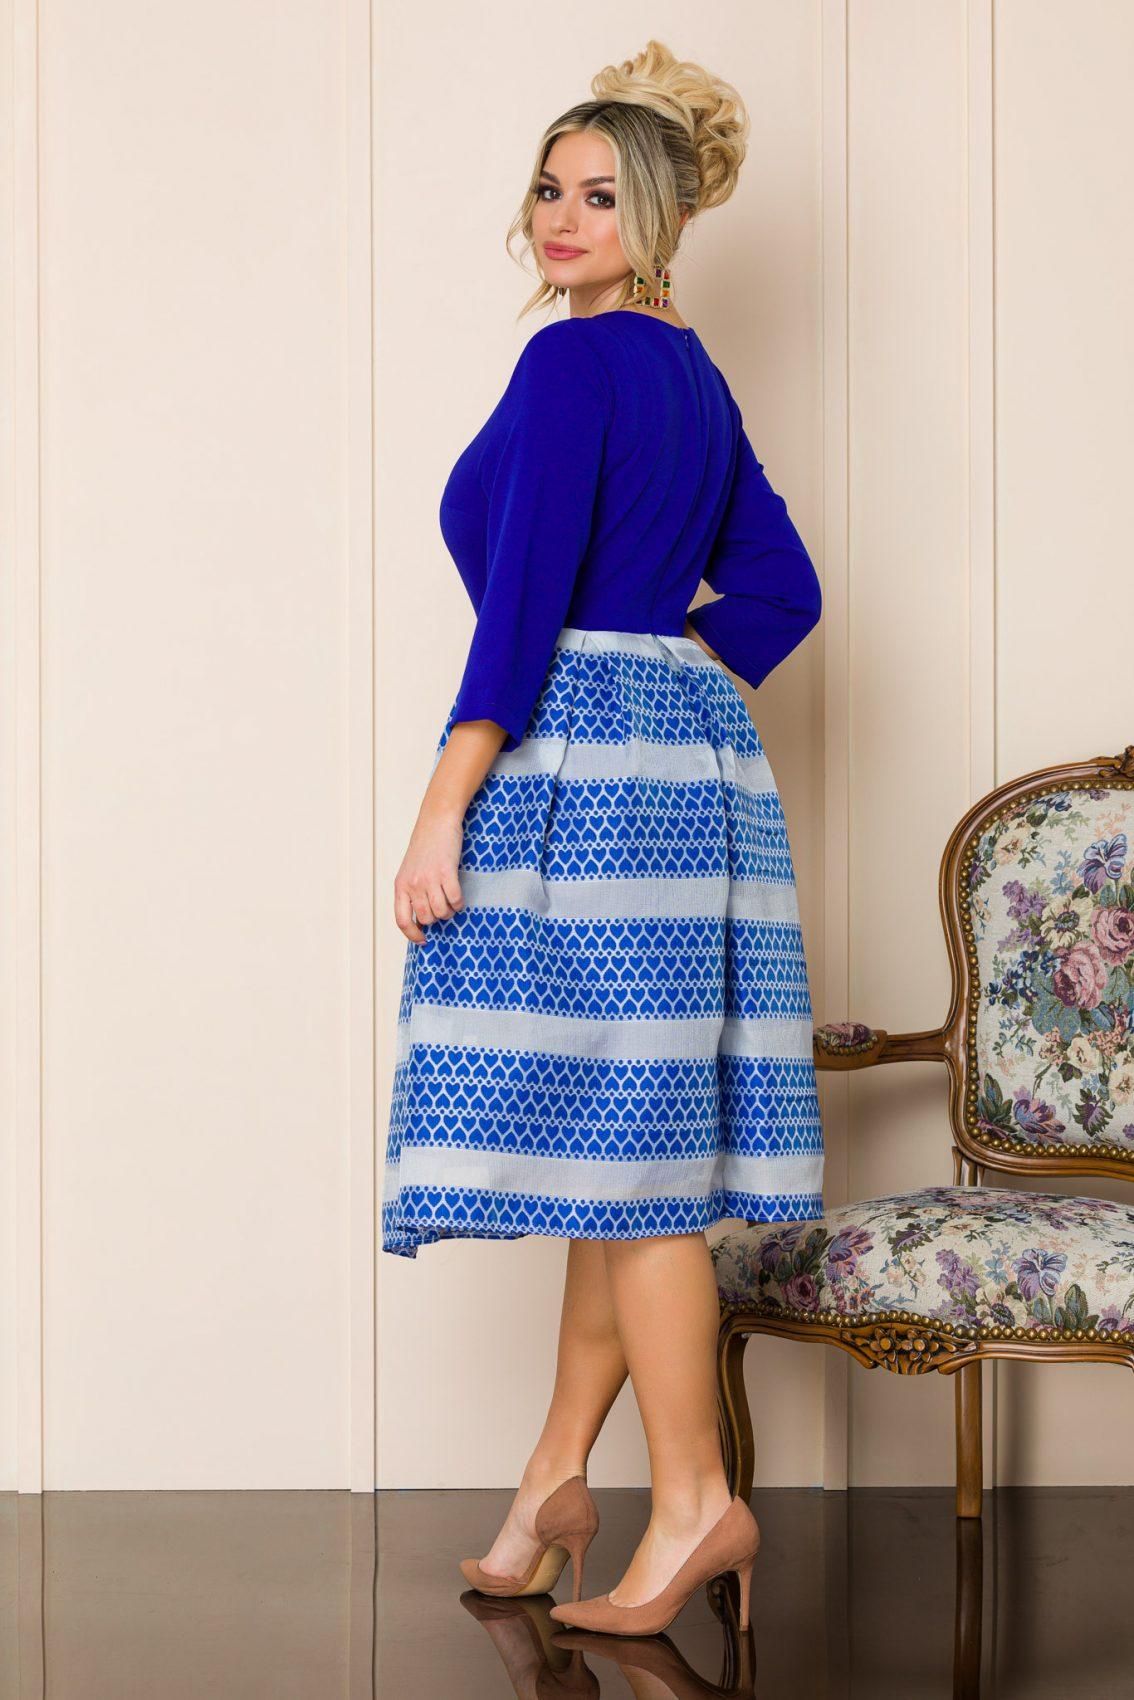 Μπλε Ρουά Μίντι Κλος Φόρεμα Eloise 9866 4